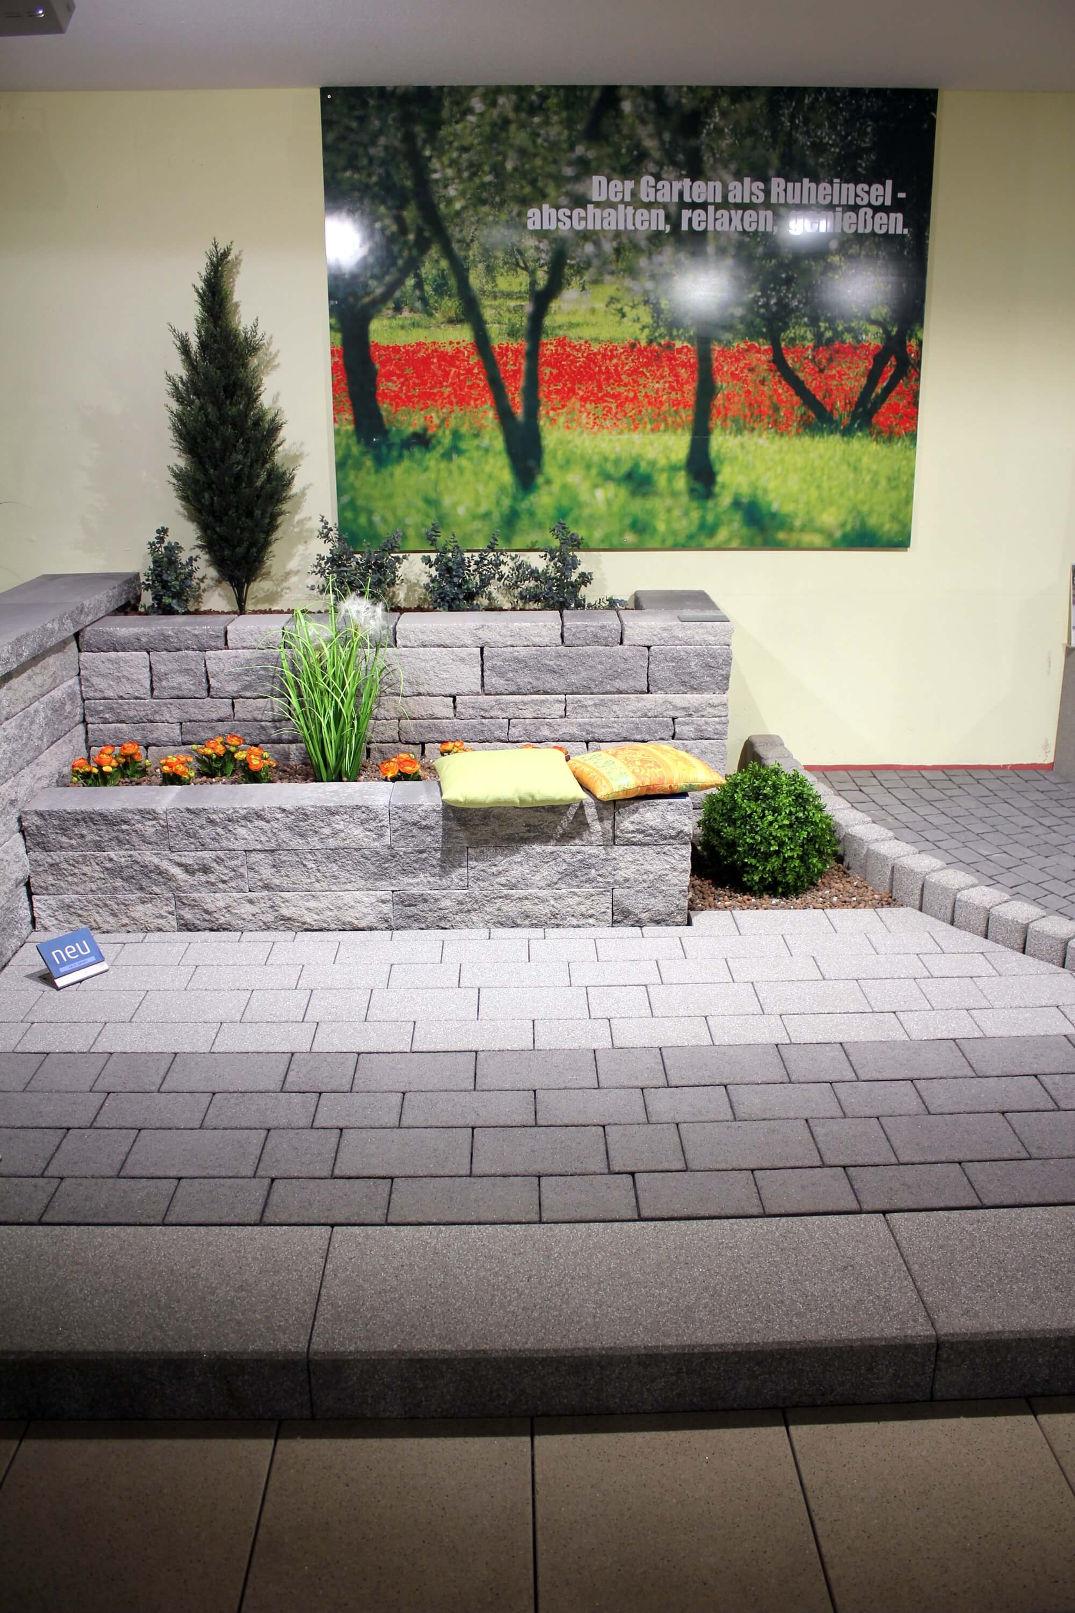 Ausstellungsfläche mit Mauer und Plattenfläche im Forum im Ideengarten in Heuchelheim.